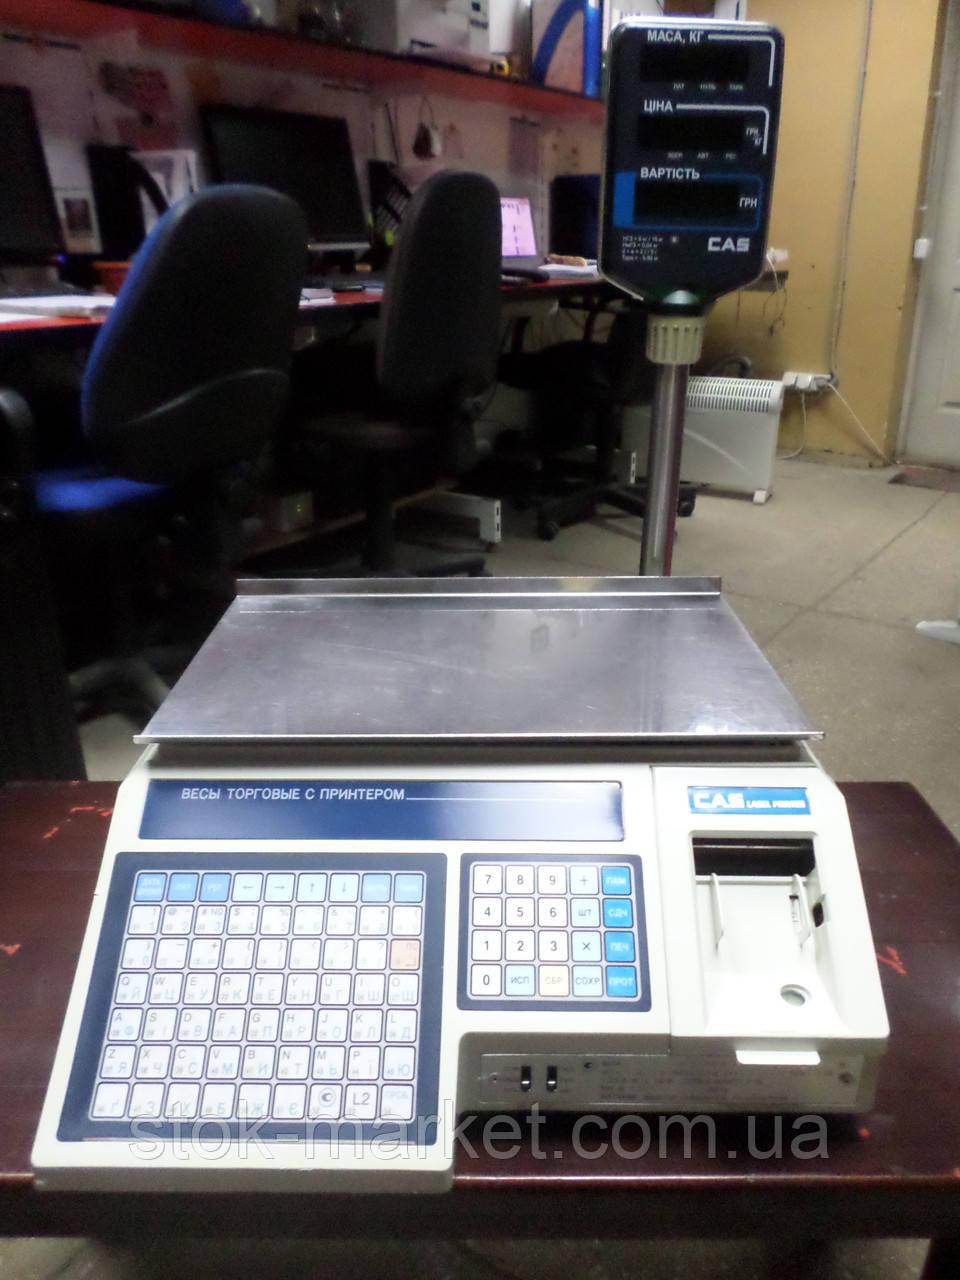 Весы торговые с принтером CAS LP-1-15 vs 1.6 R. RS-232.DUAL бу,  весы чекопечатающие б/у  торговые весы б.у.